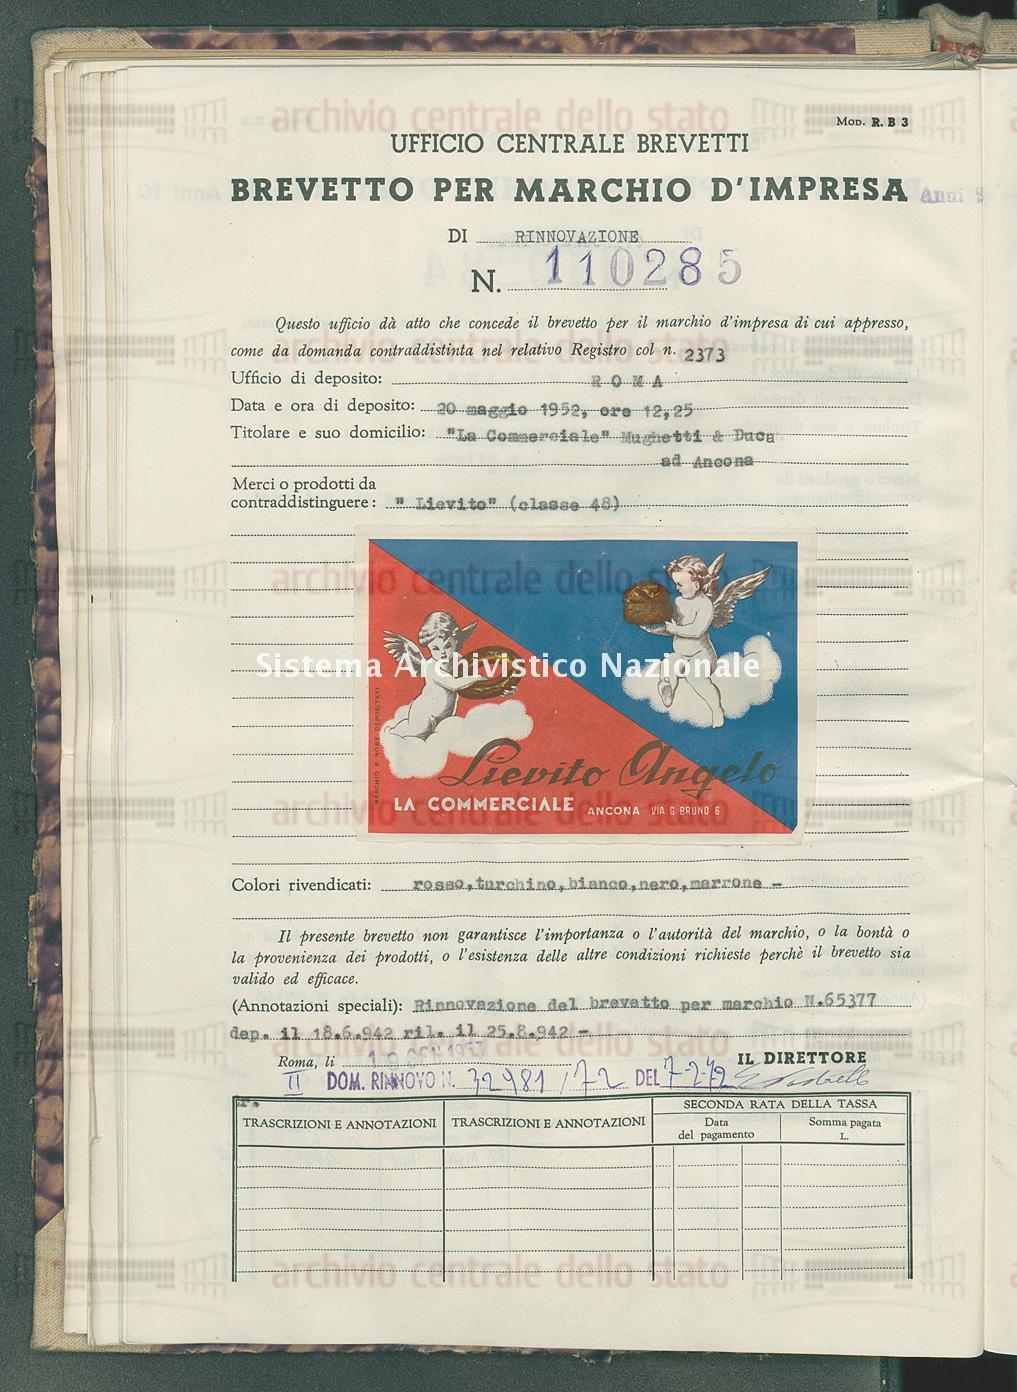 'Lievito' 'La Commerciale' Mighetti &Duca (19/01/1953)